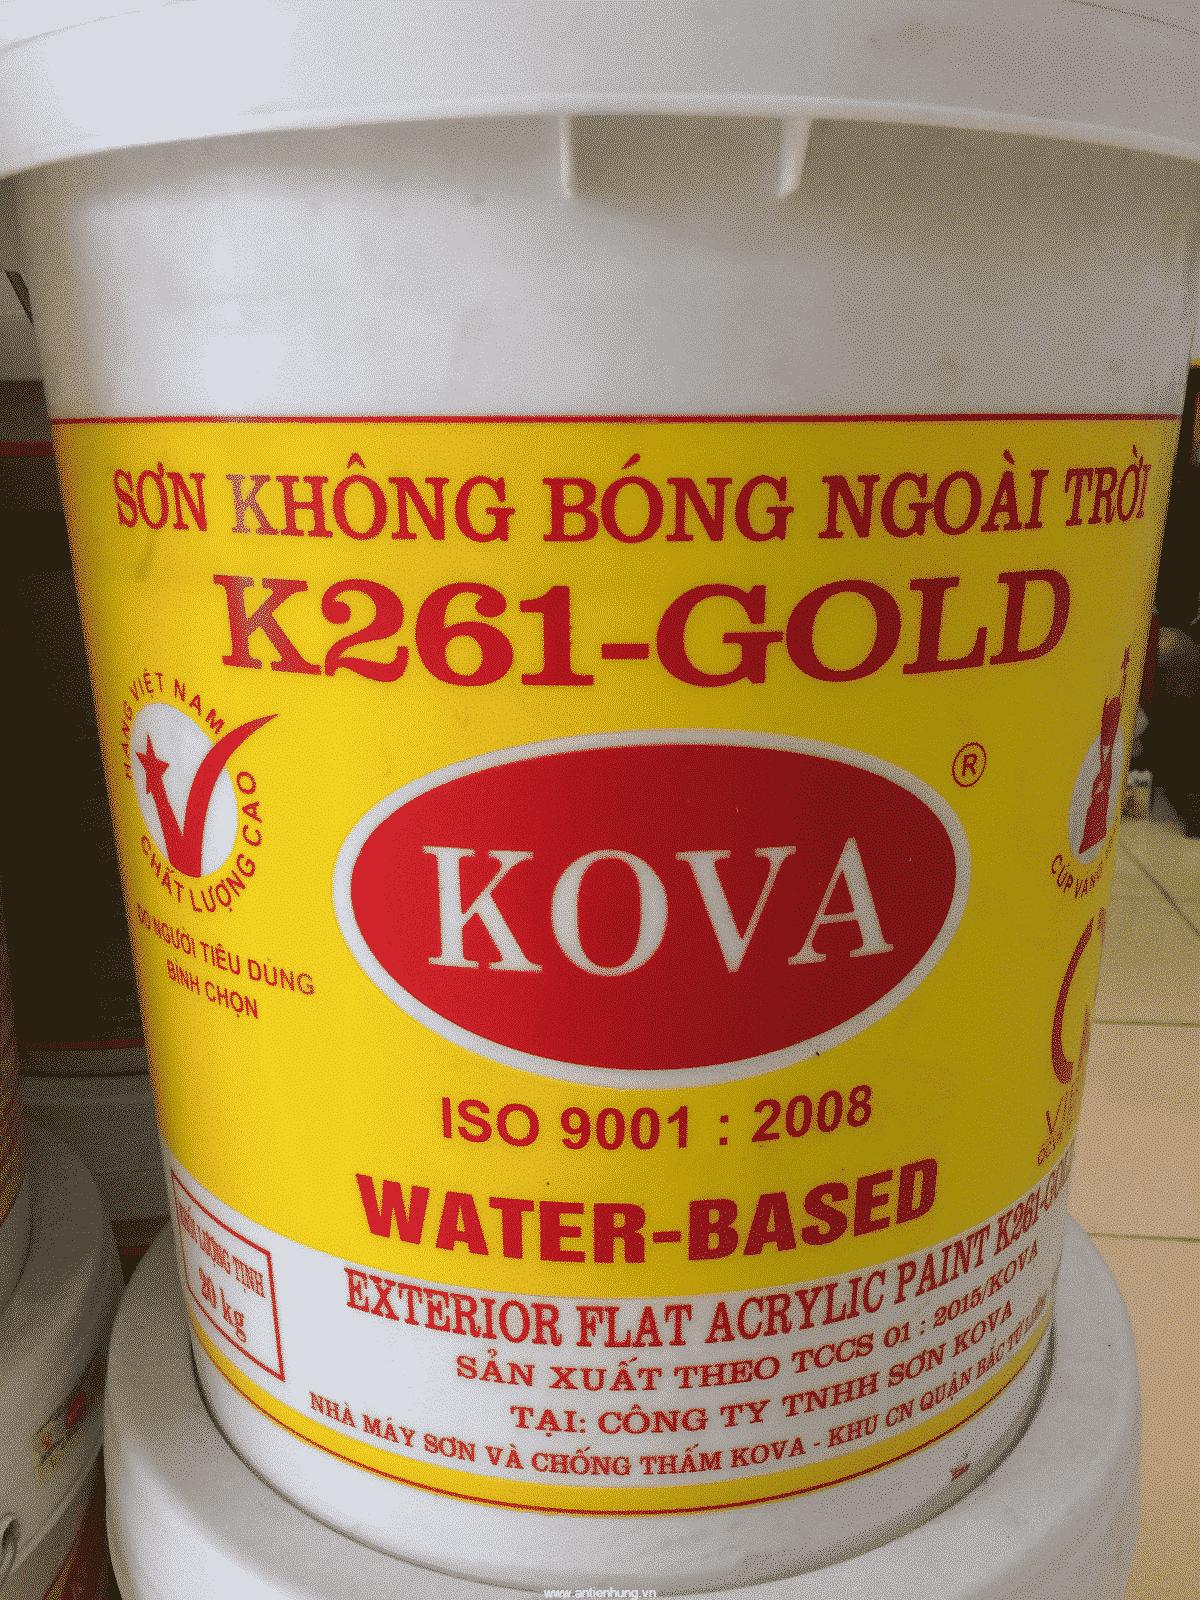 K261 Gold